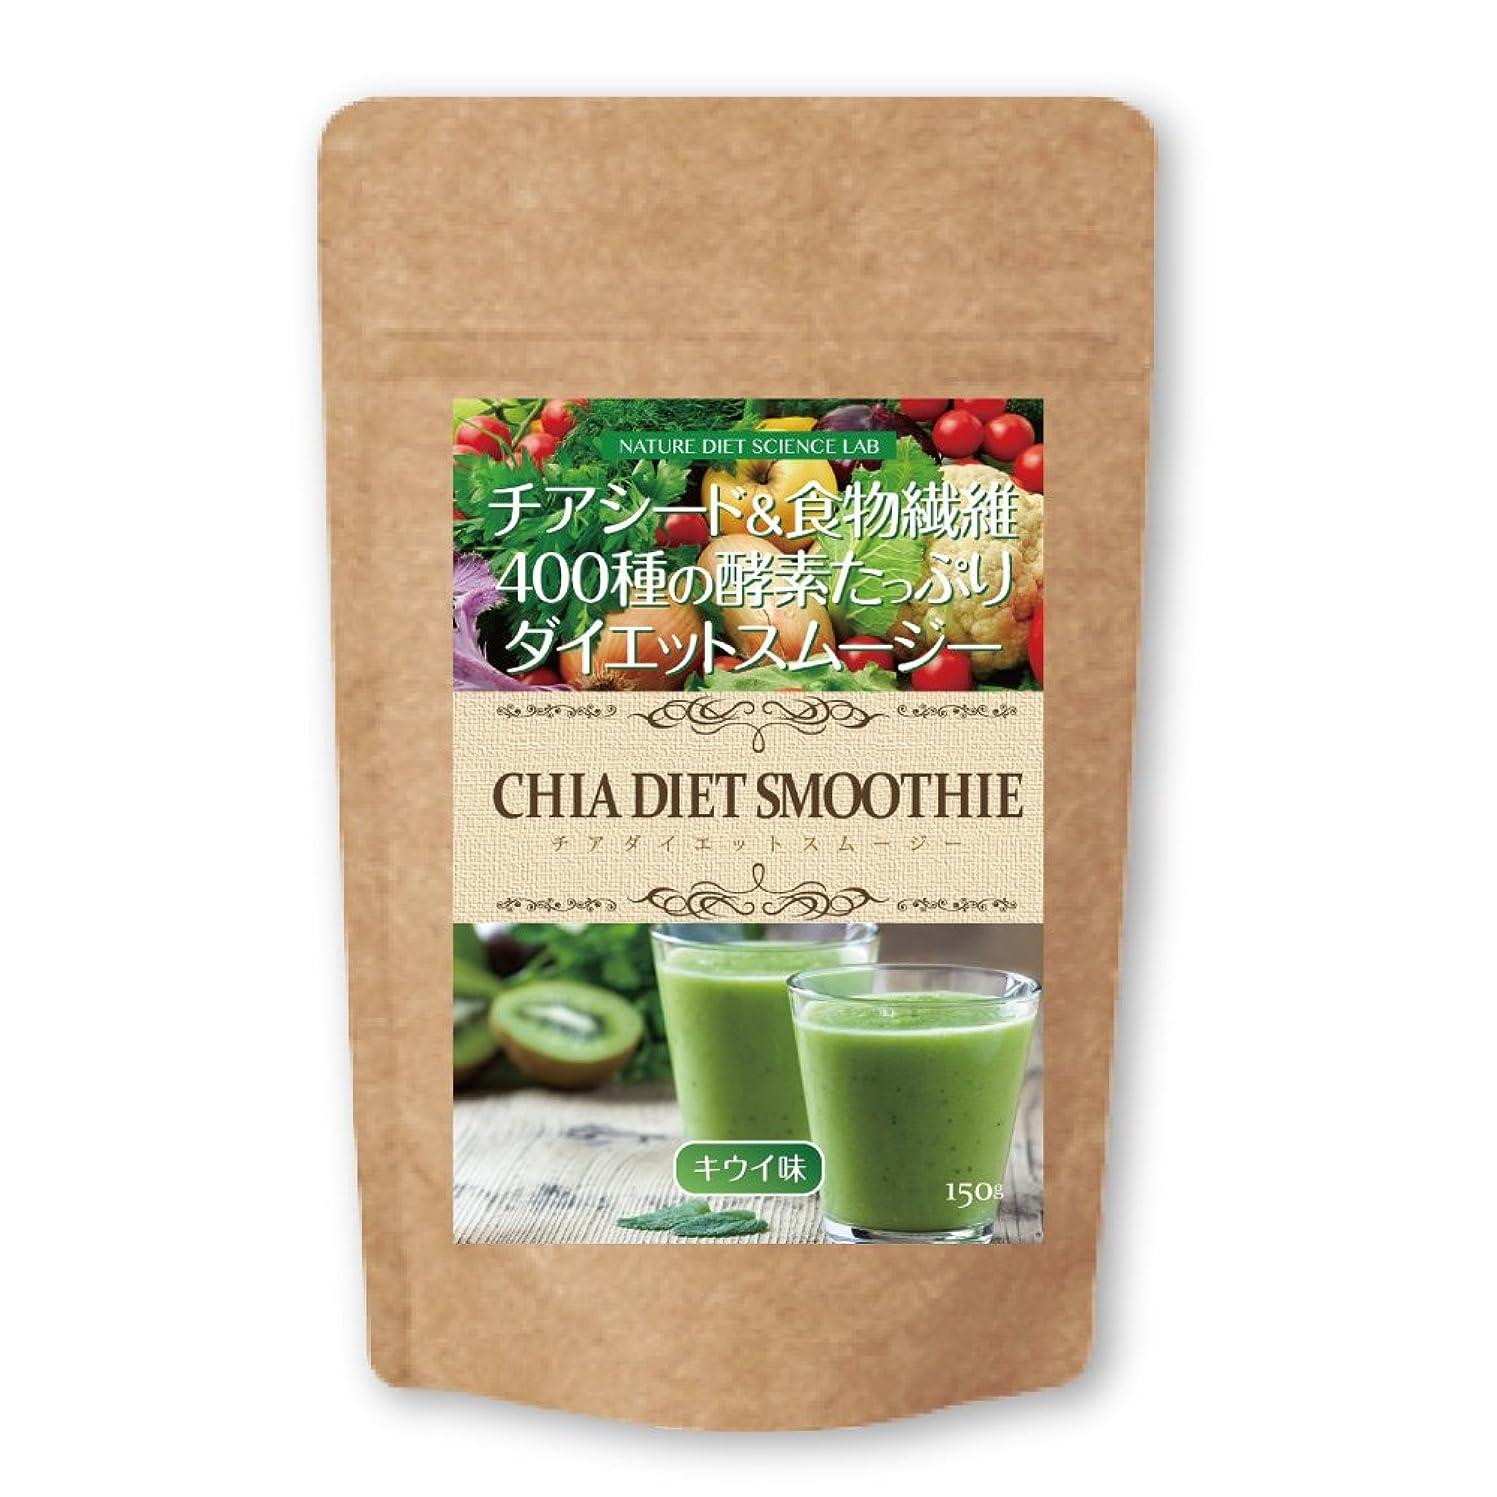 農村一般的に言えば世界的にチアシード&食物繊維&酵素たっぷりのおいしいダイエットスムージー チアダイエットスムージー キウイ味 150g(2018年リニューアル品)